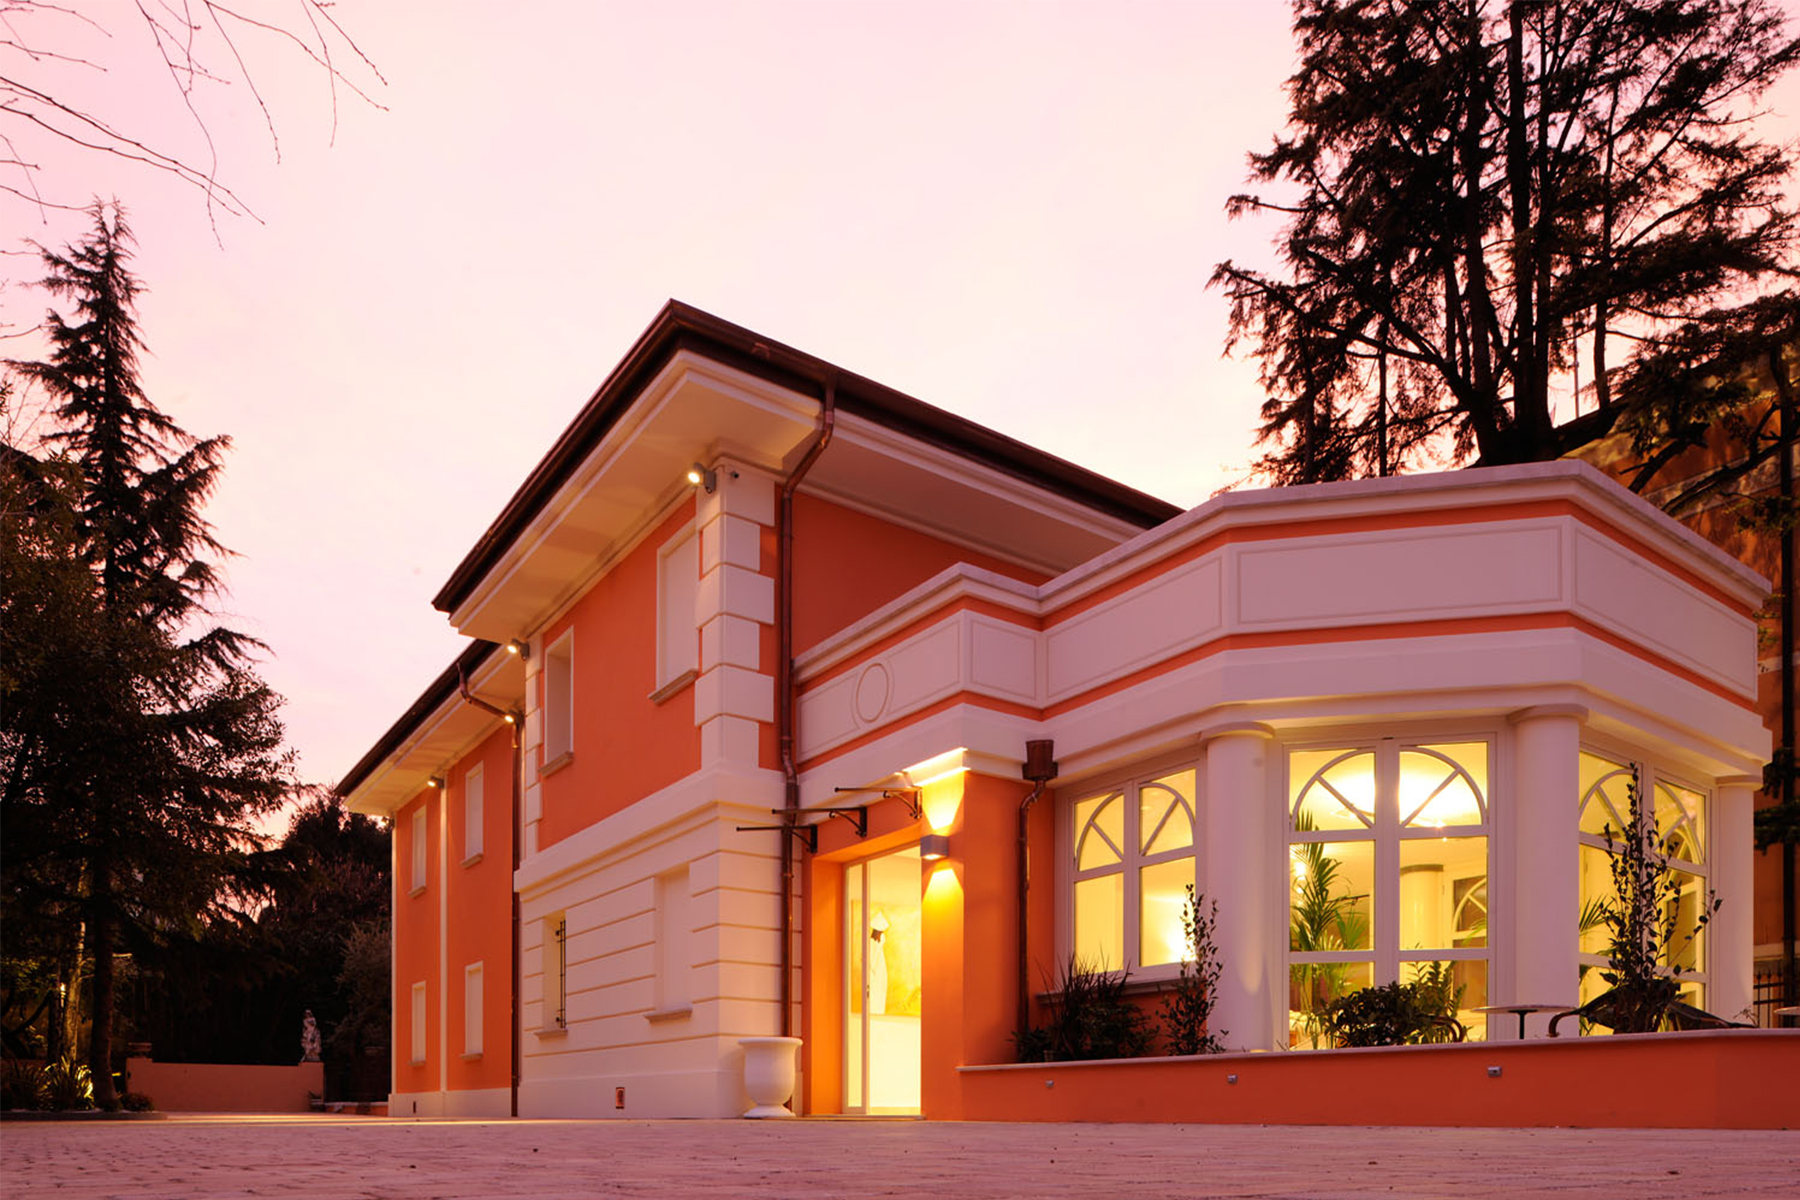 Albergo in Vendita a Desenzano Del Garda: 5 locali, 750 mq - Foto 1